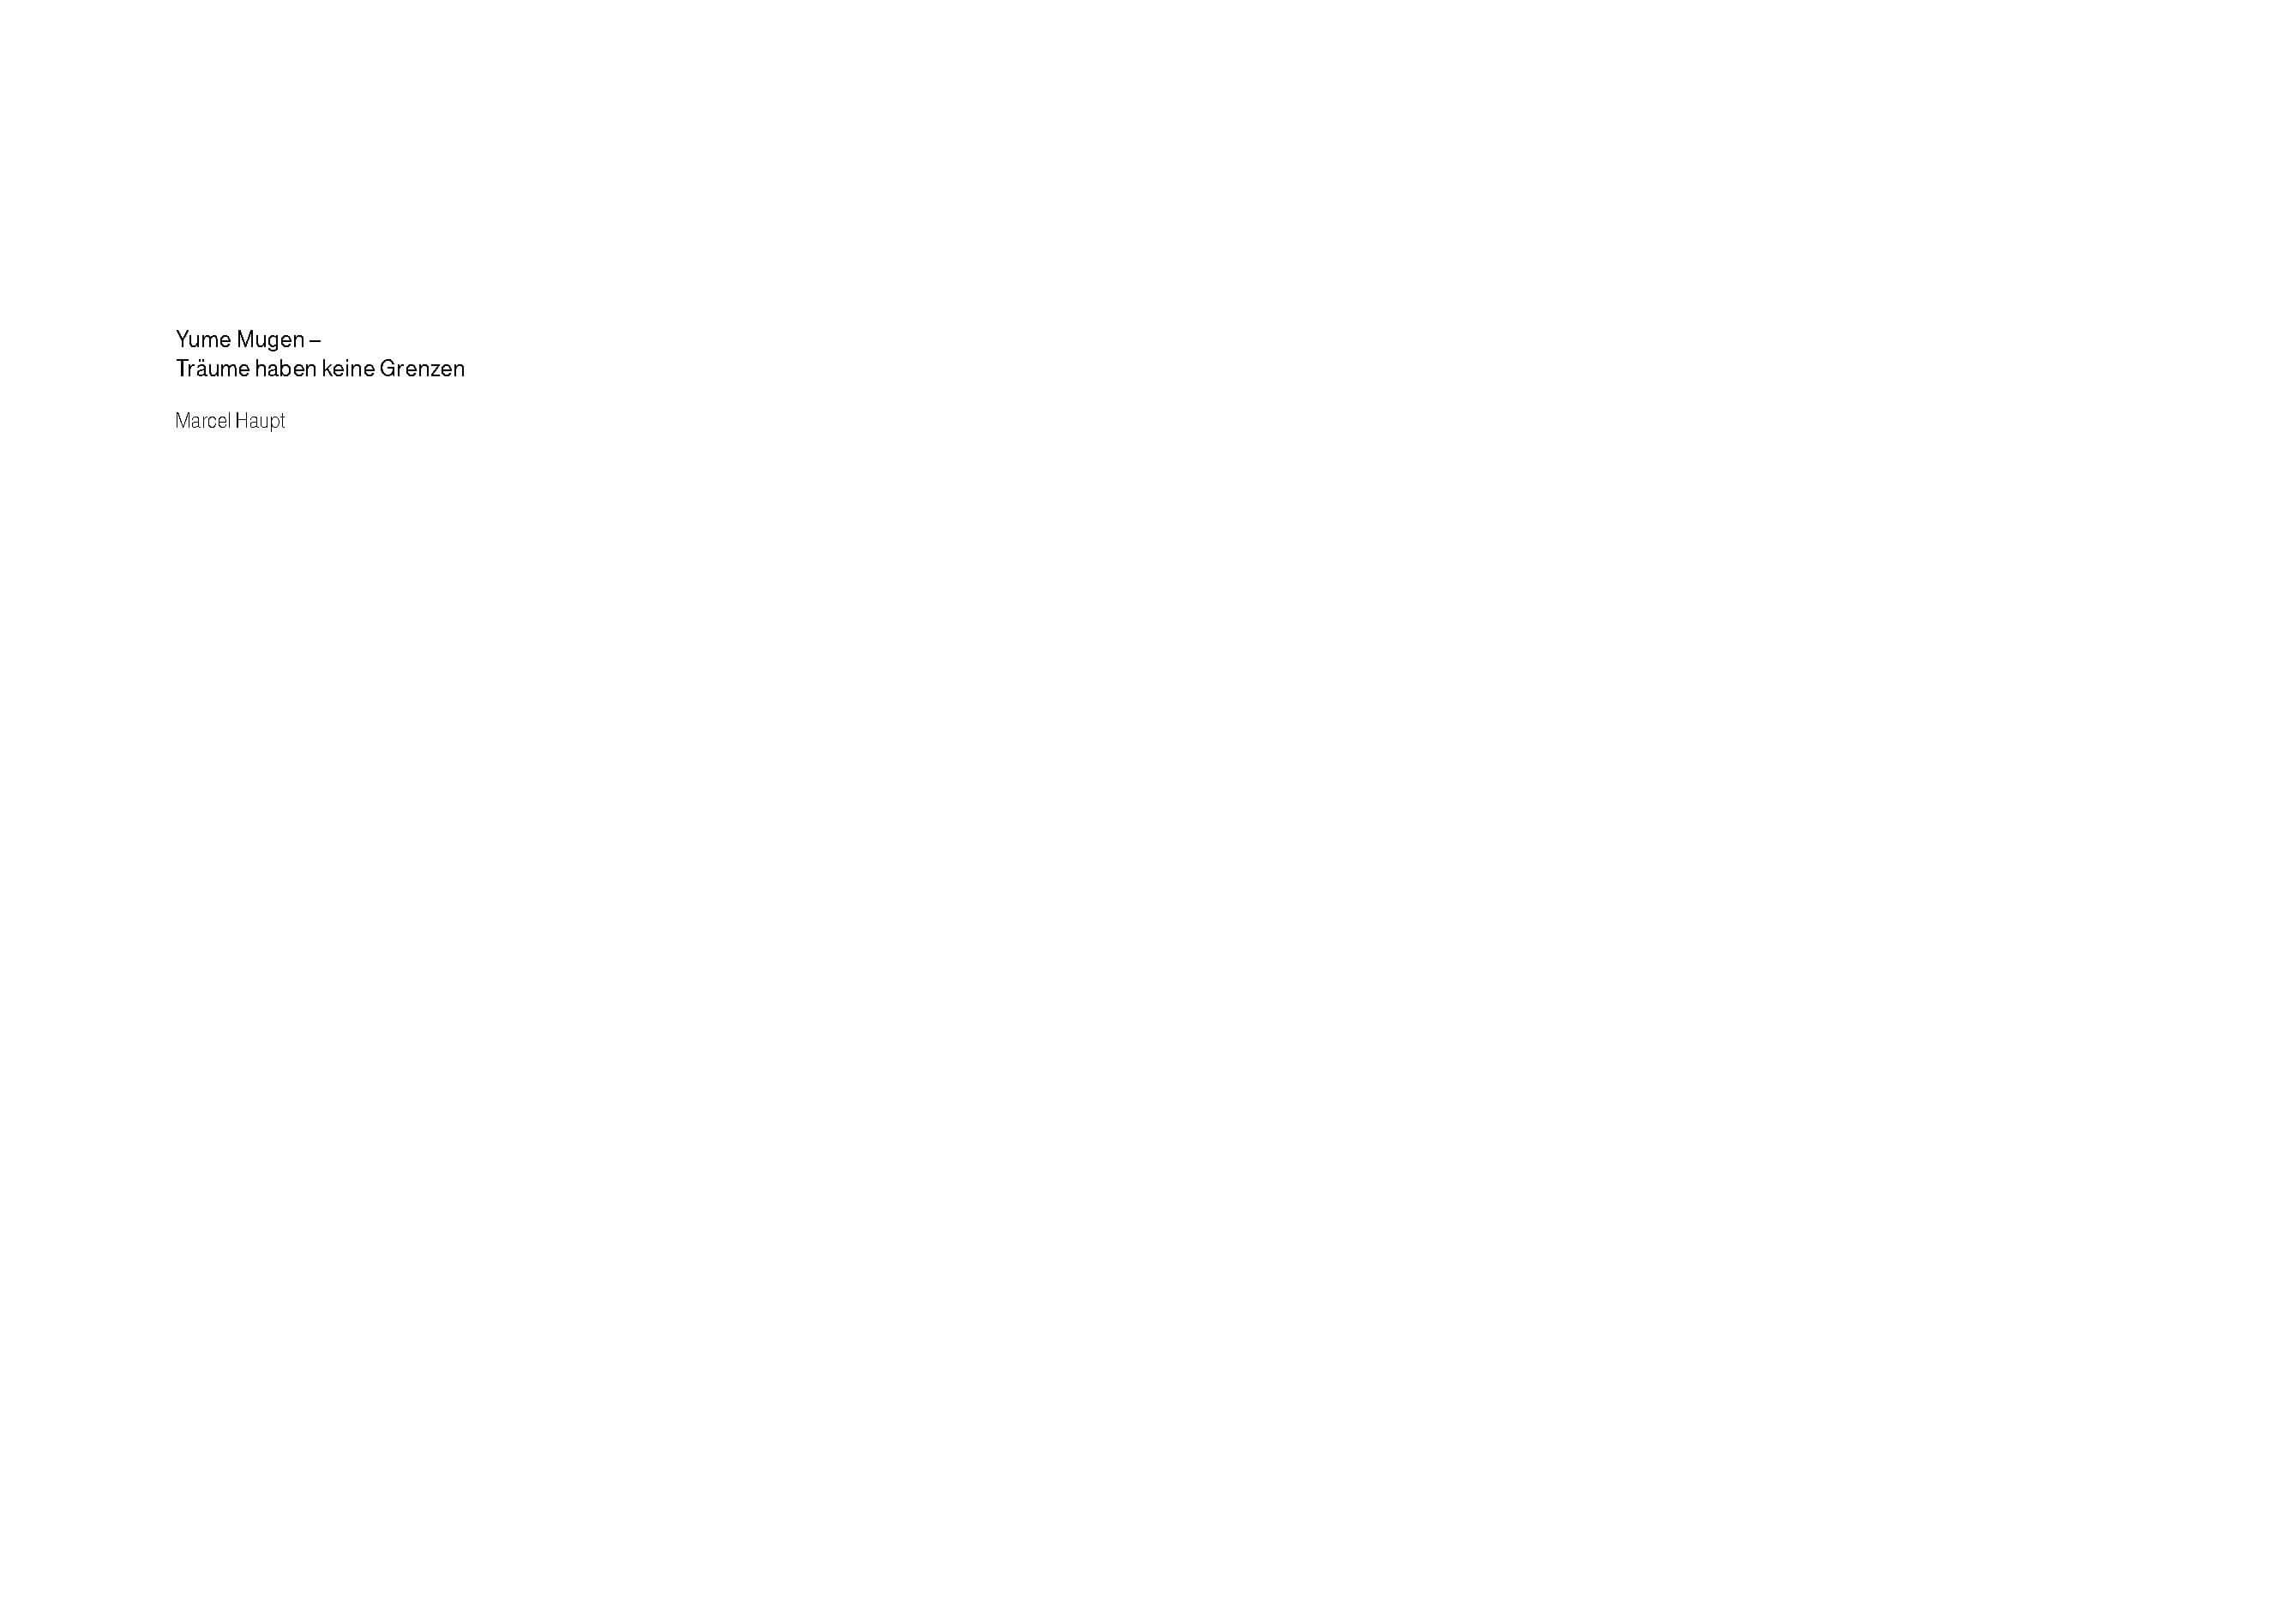 mhaupt_170x240mm_CMYK_final_ansicht_Seite_02